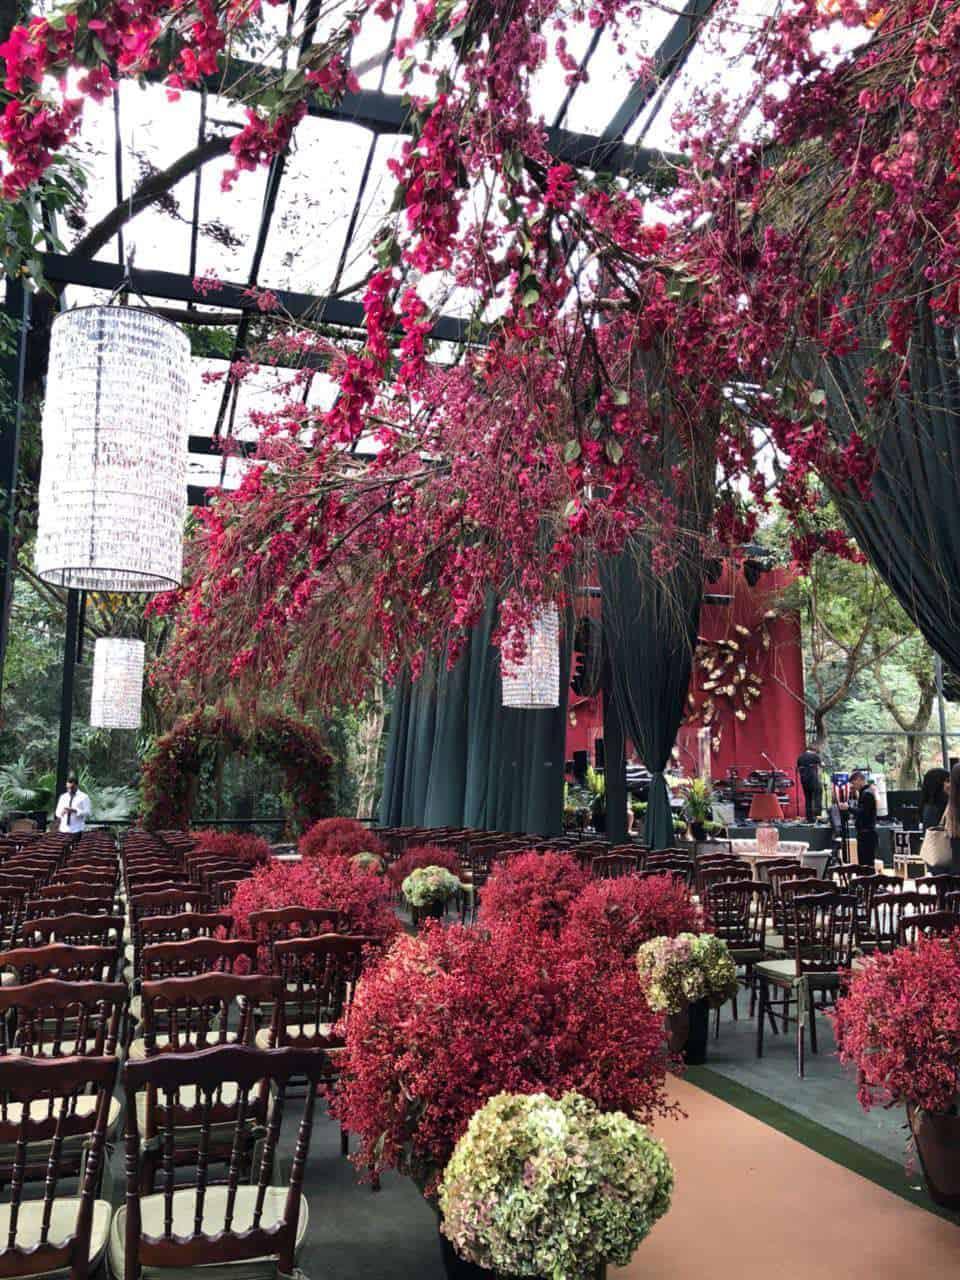 casamento-casamento-de-dia-cerimônia-Cissa-Sannomiya-Clube-Hipico-de-Santo-Amaro-decoração-decoração-rosa-marina-e-josé-Miguel-Kanashiro-casamento-16